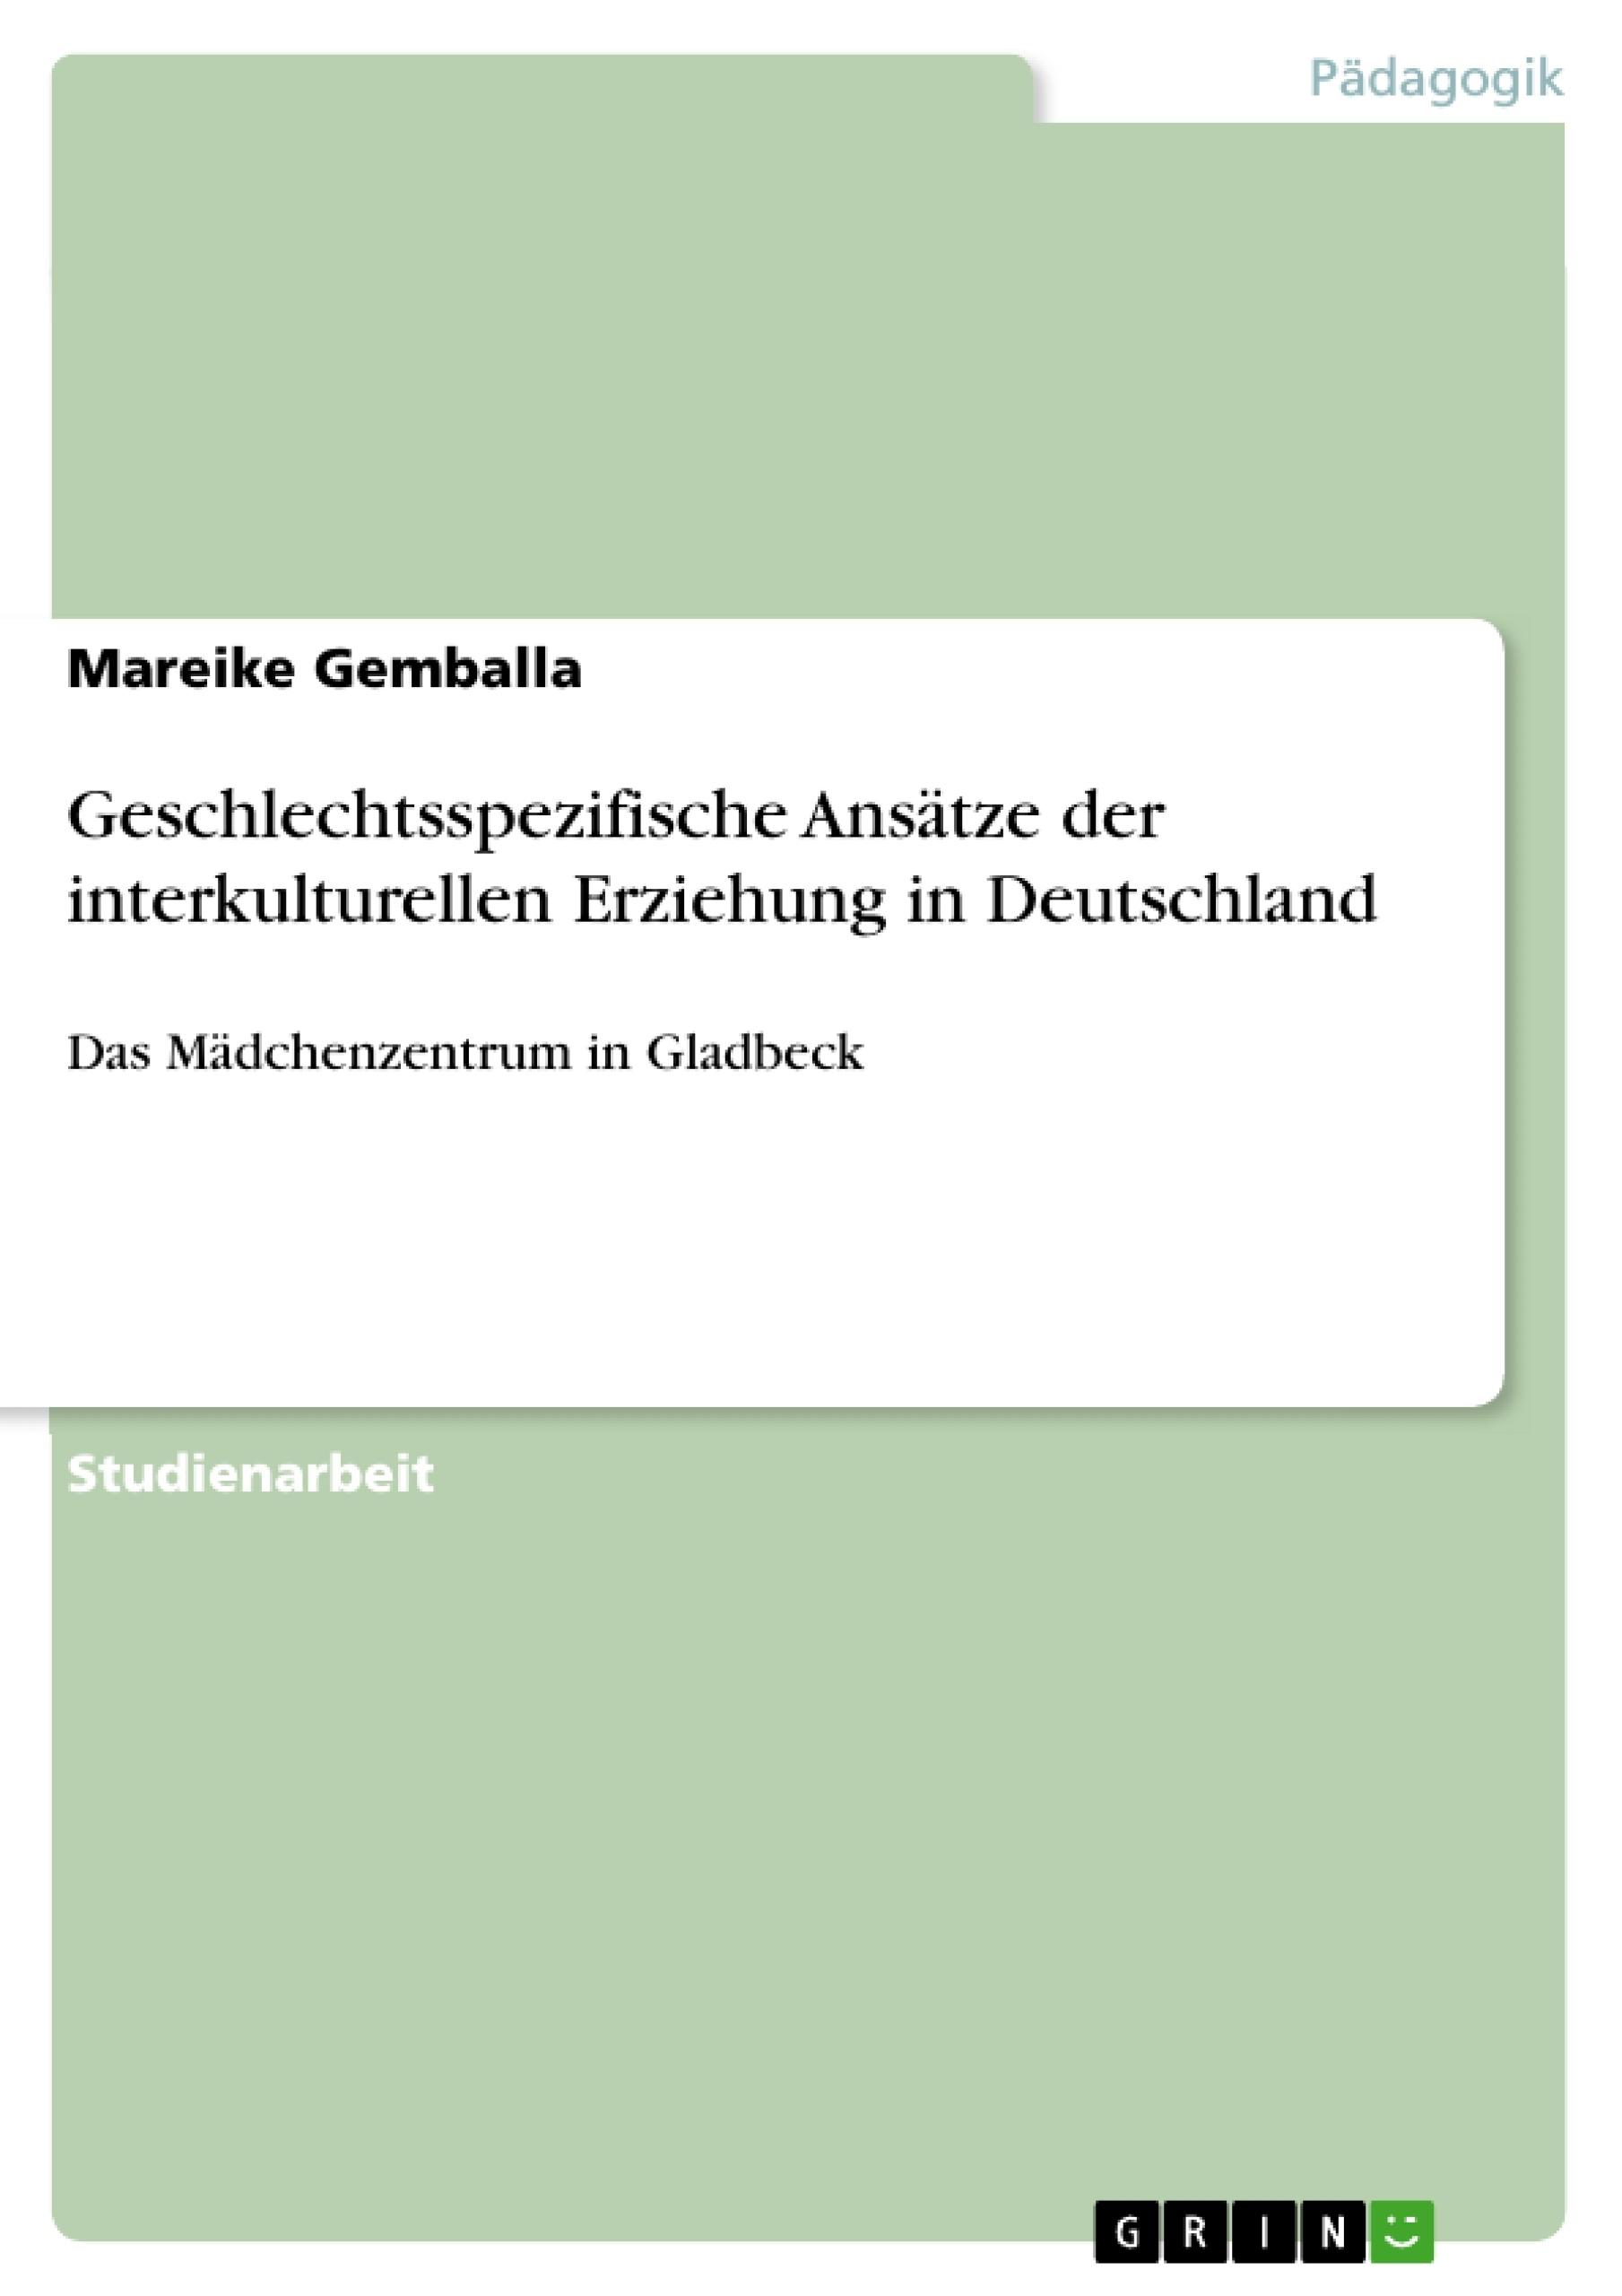 Titel: Geschlechtsspezifische Ansätze der interkulturellen Erziehung in Deutschland